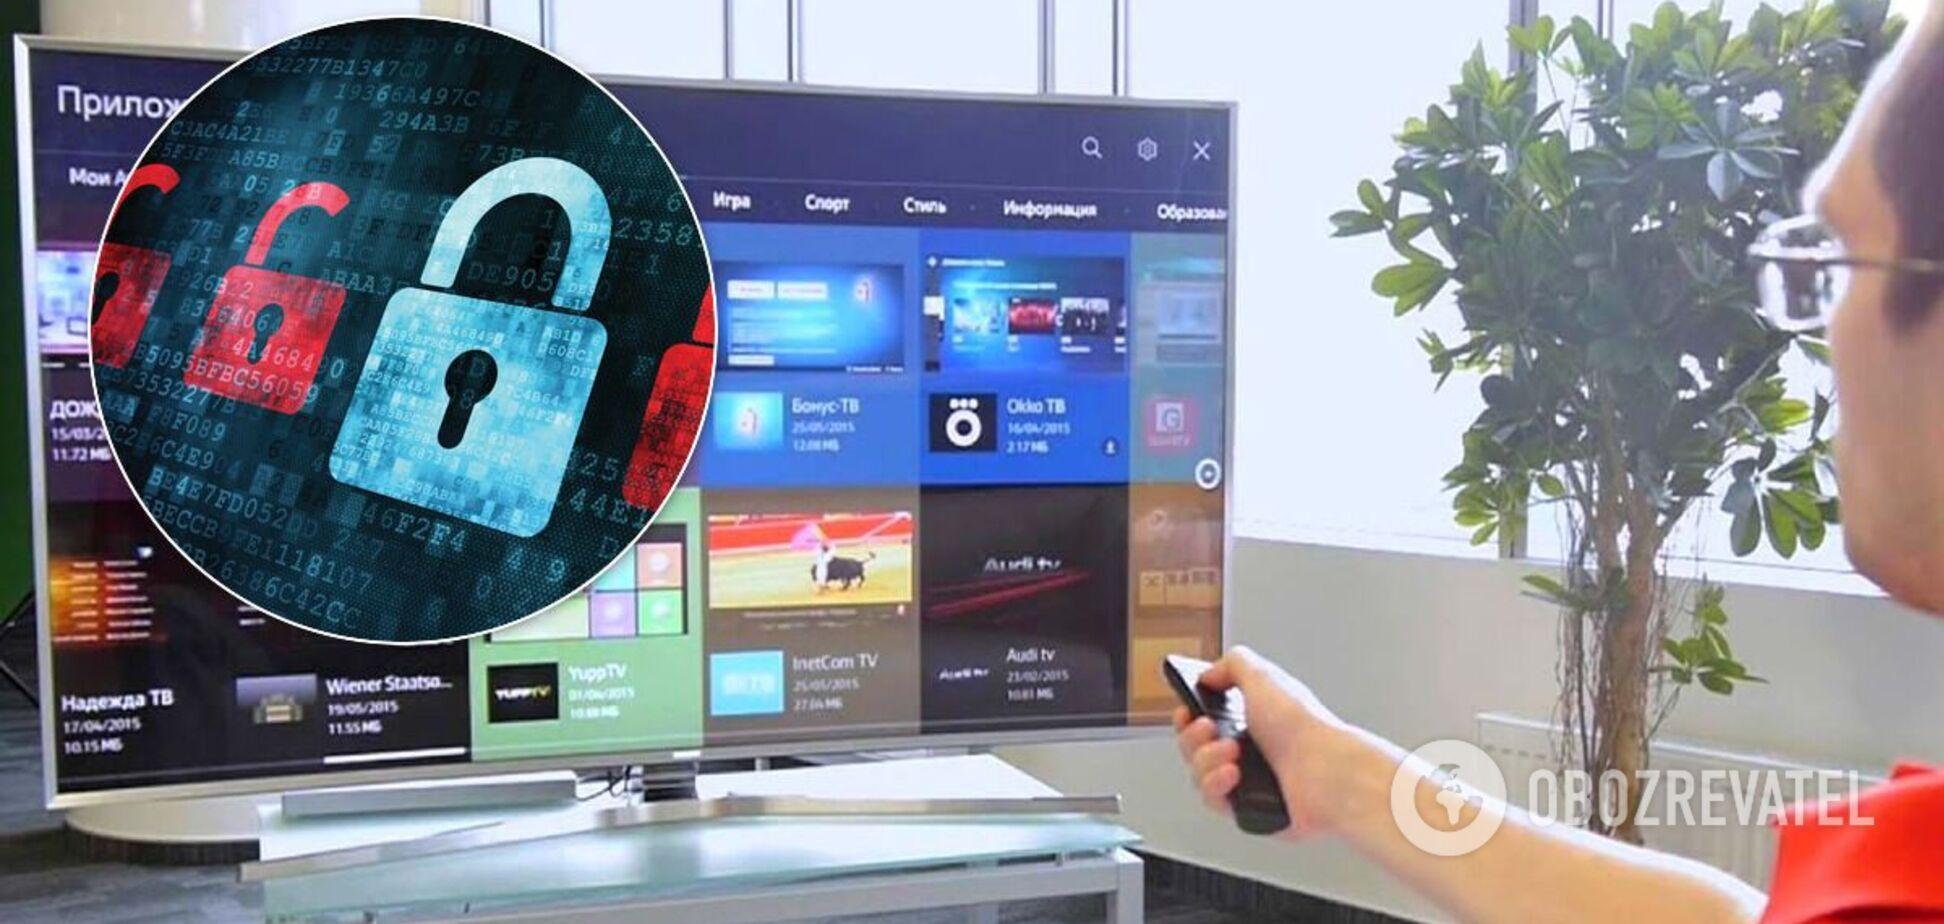 В Украине заблокируют часть Smart-телевизоров: кого коснется